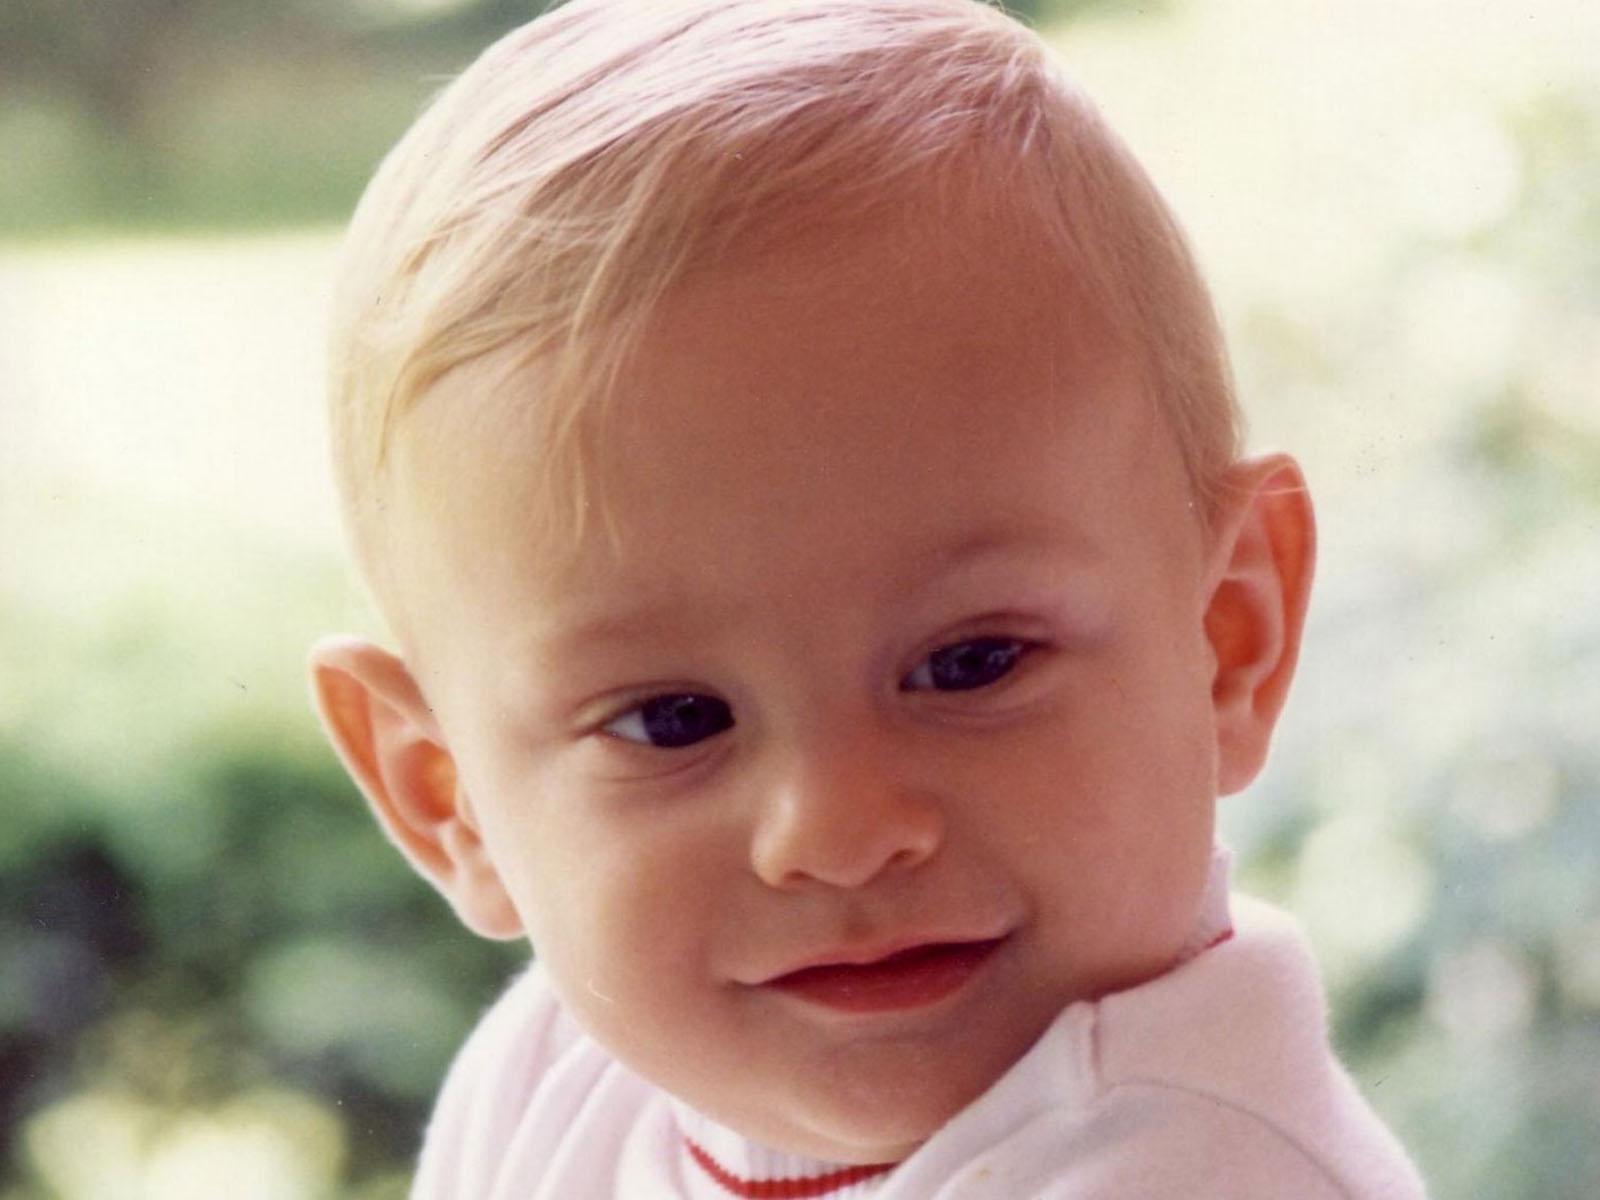 smiling cute babies wallpaper - wallpapersafari